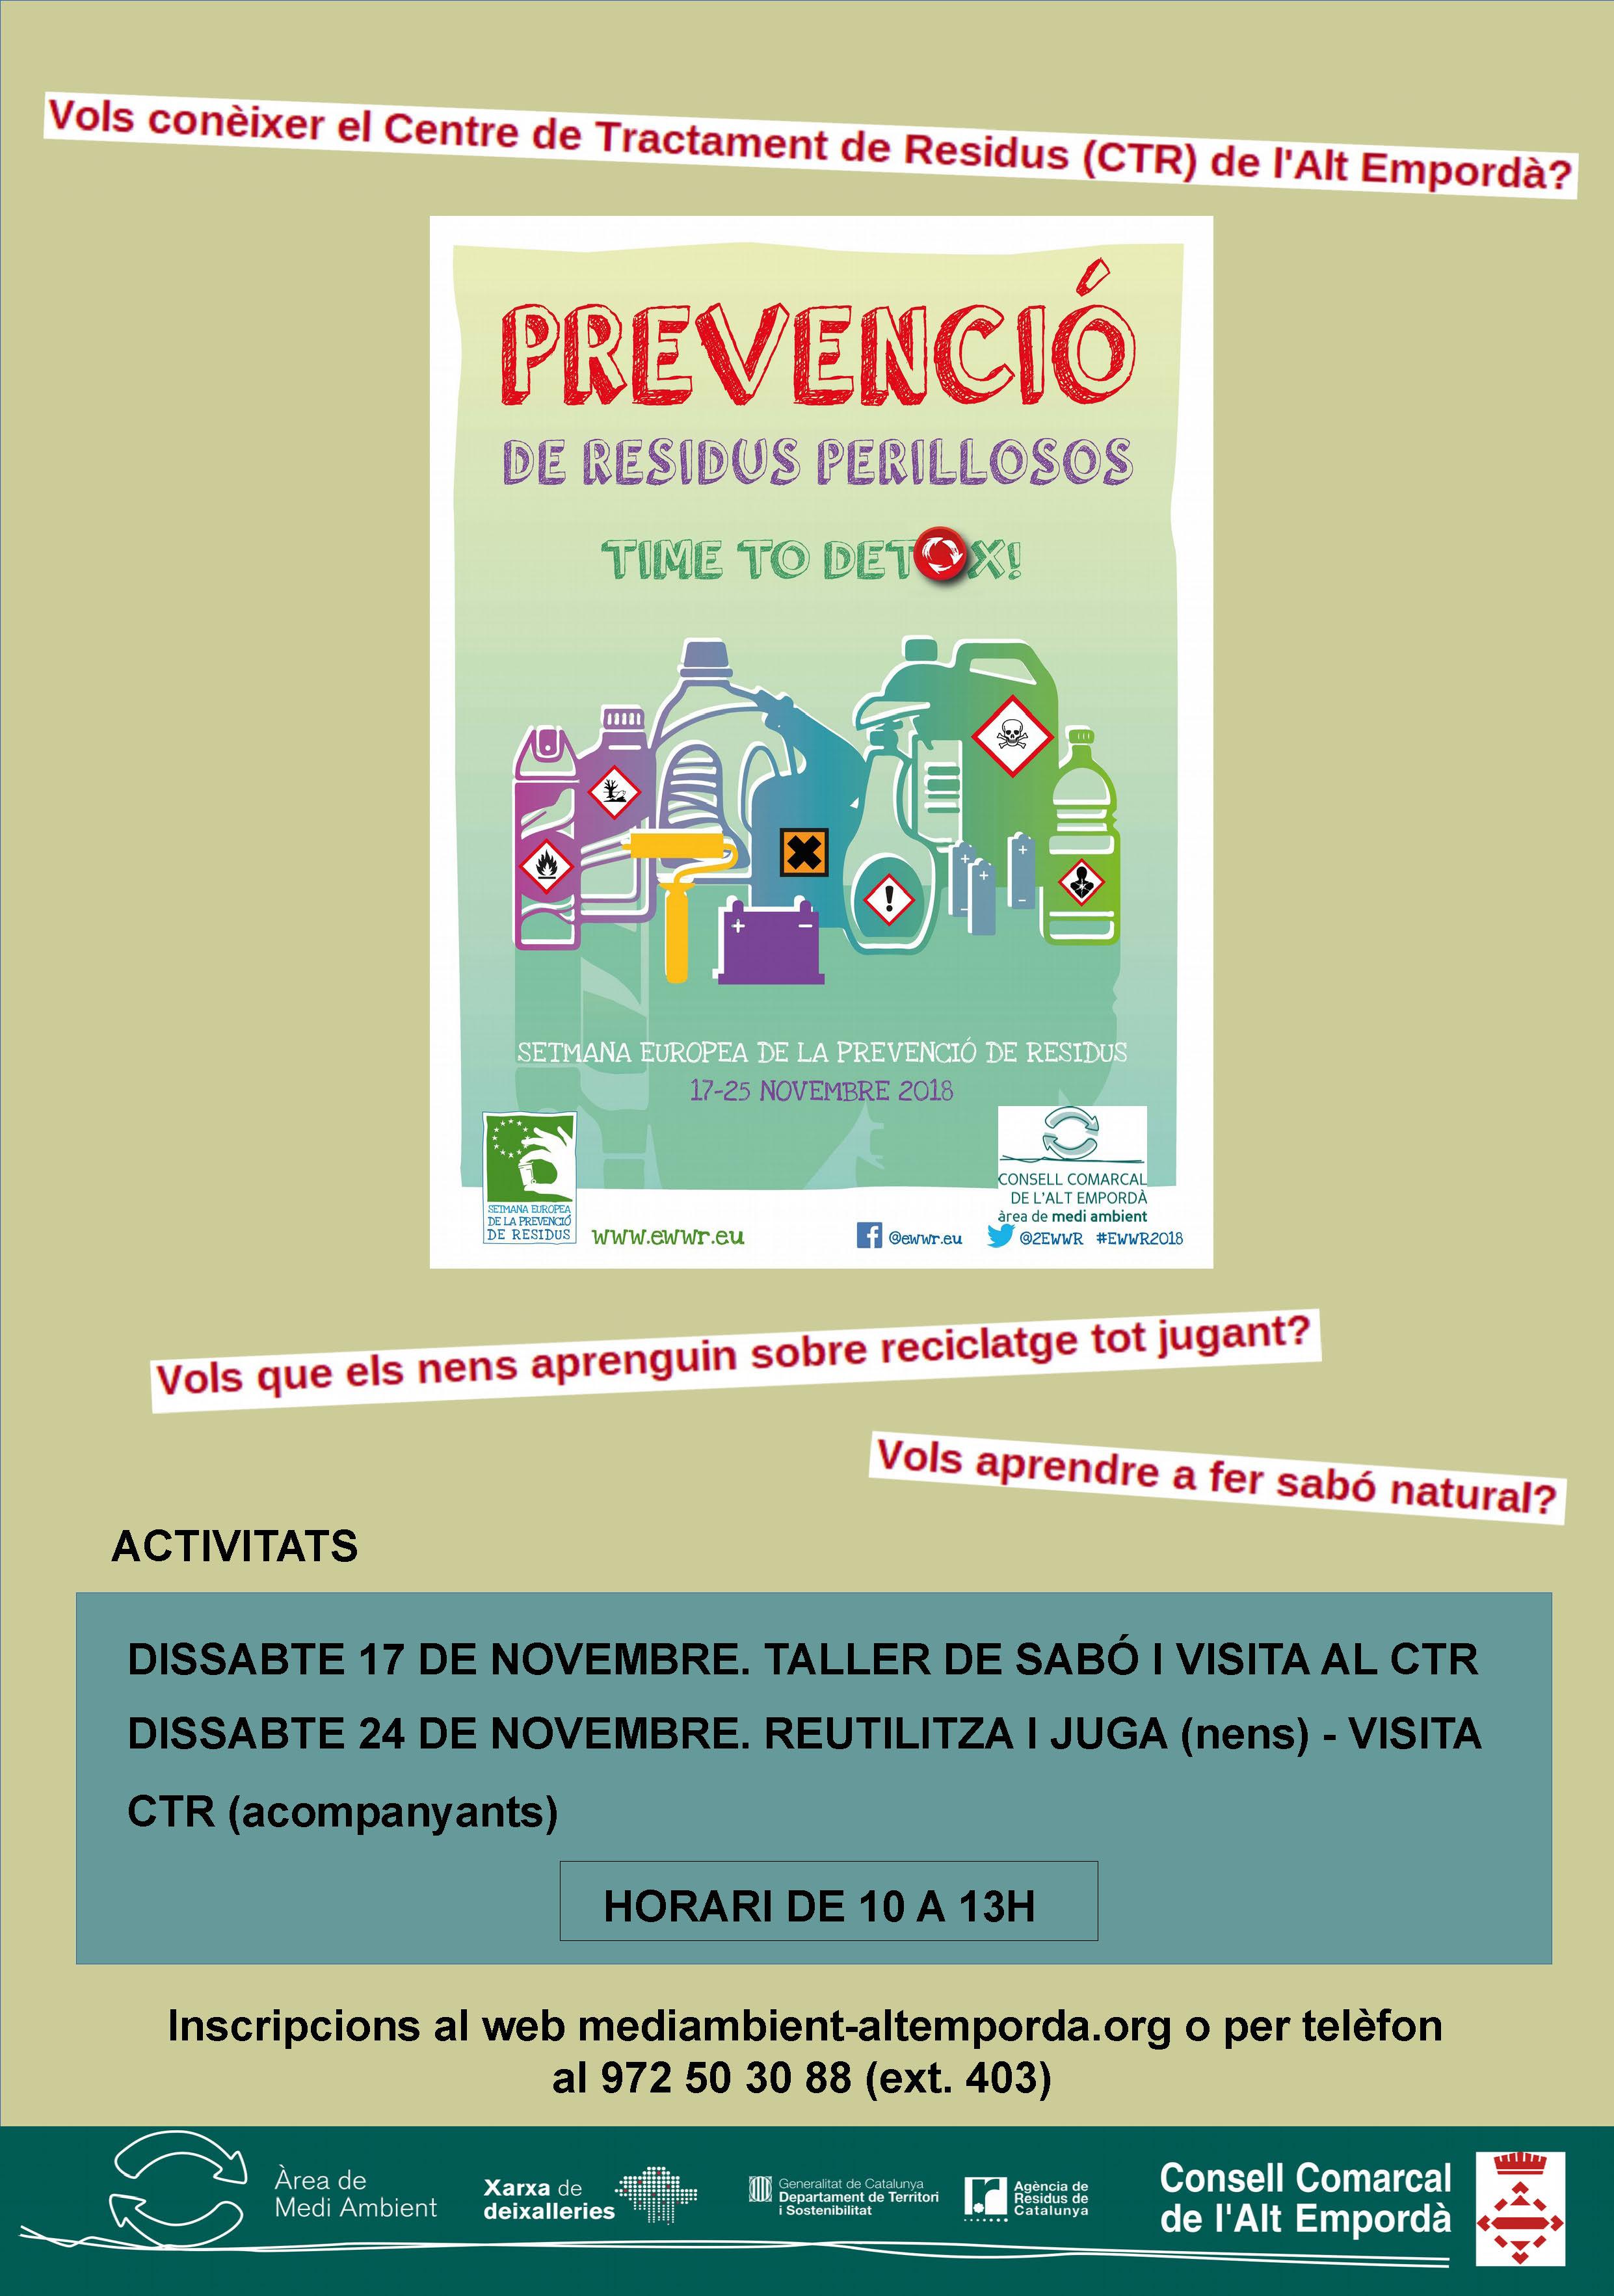 Setmana Europea de prevenció de residus a l'Alt Empordà